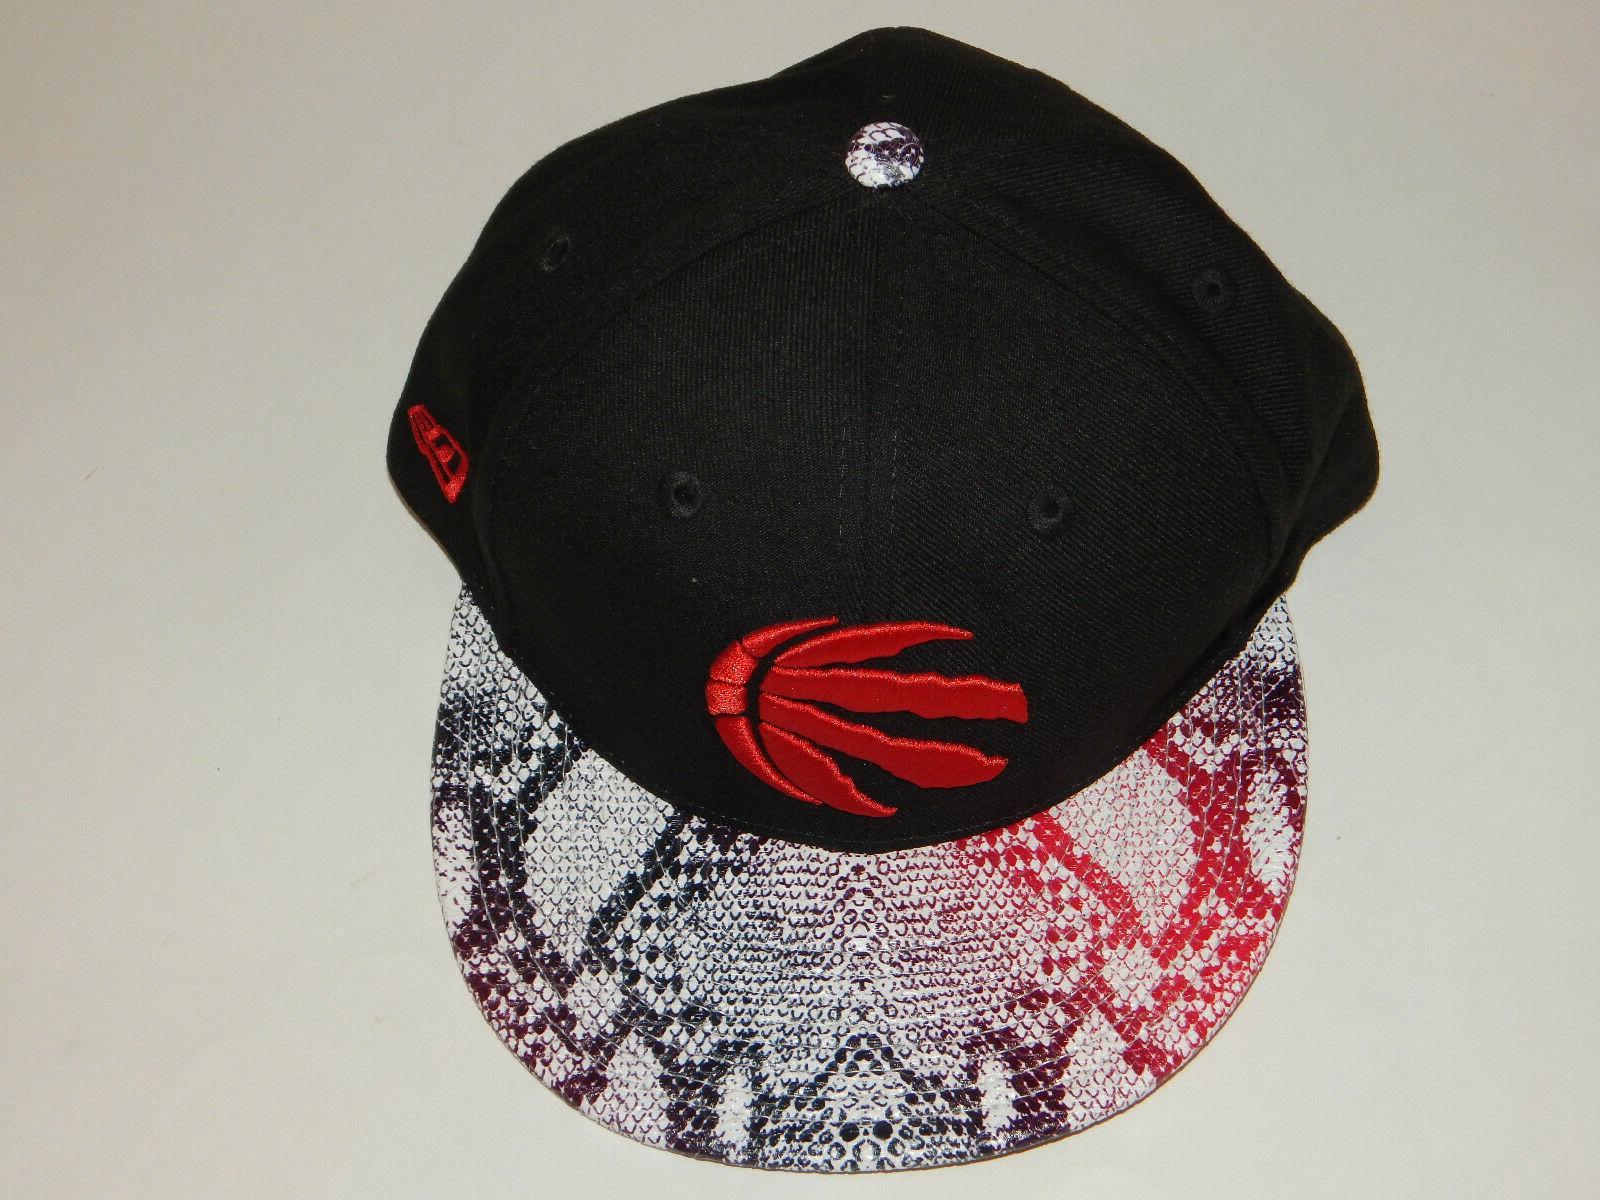 New Era Toronto 9Fifty Hat / Cap Flatbill Skin Bill NBA